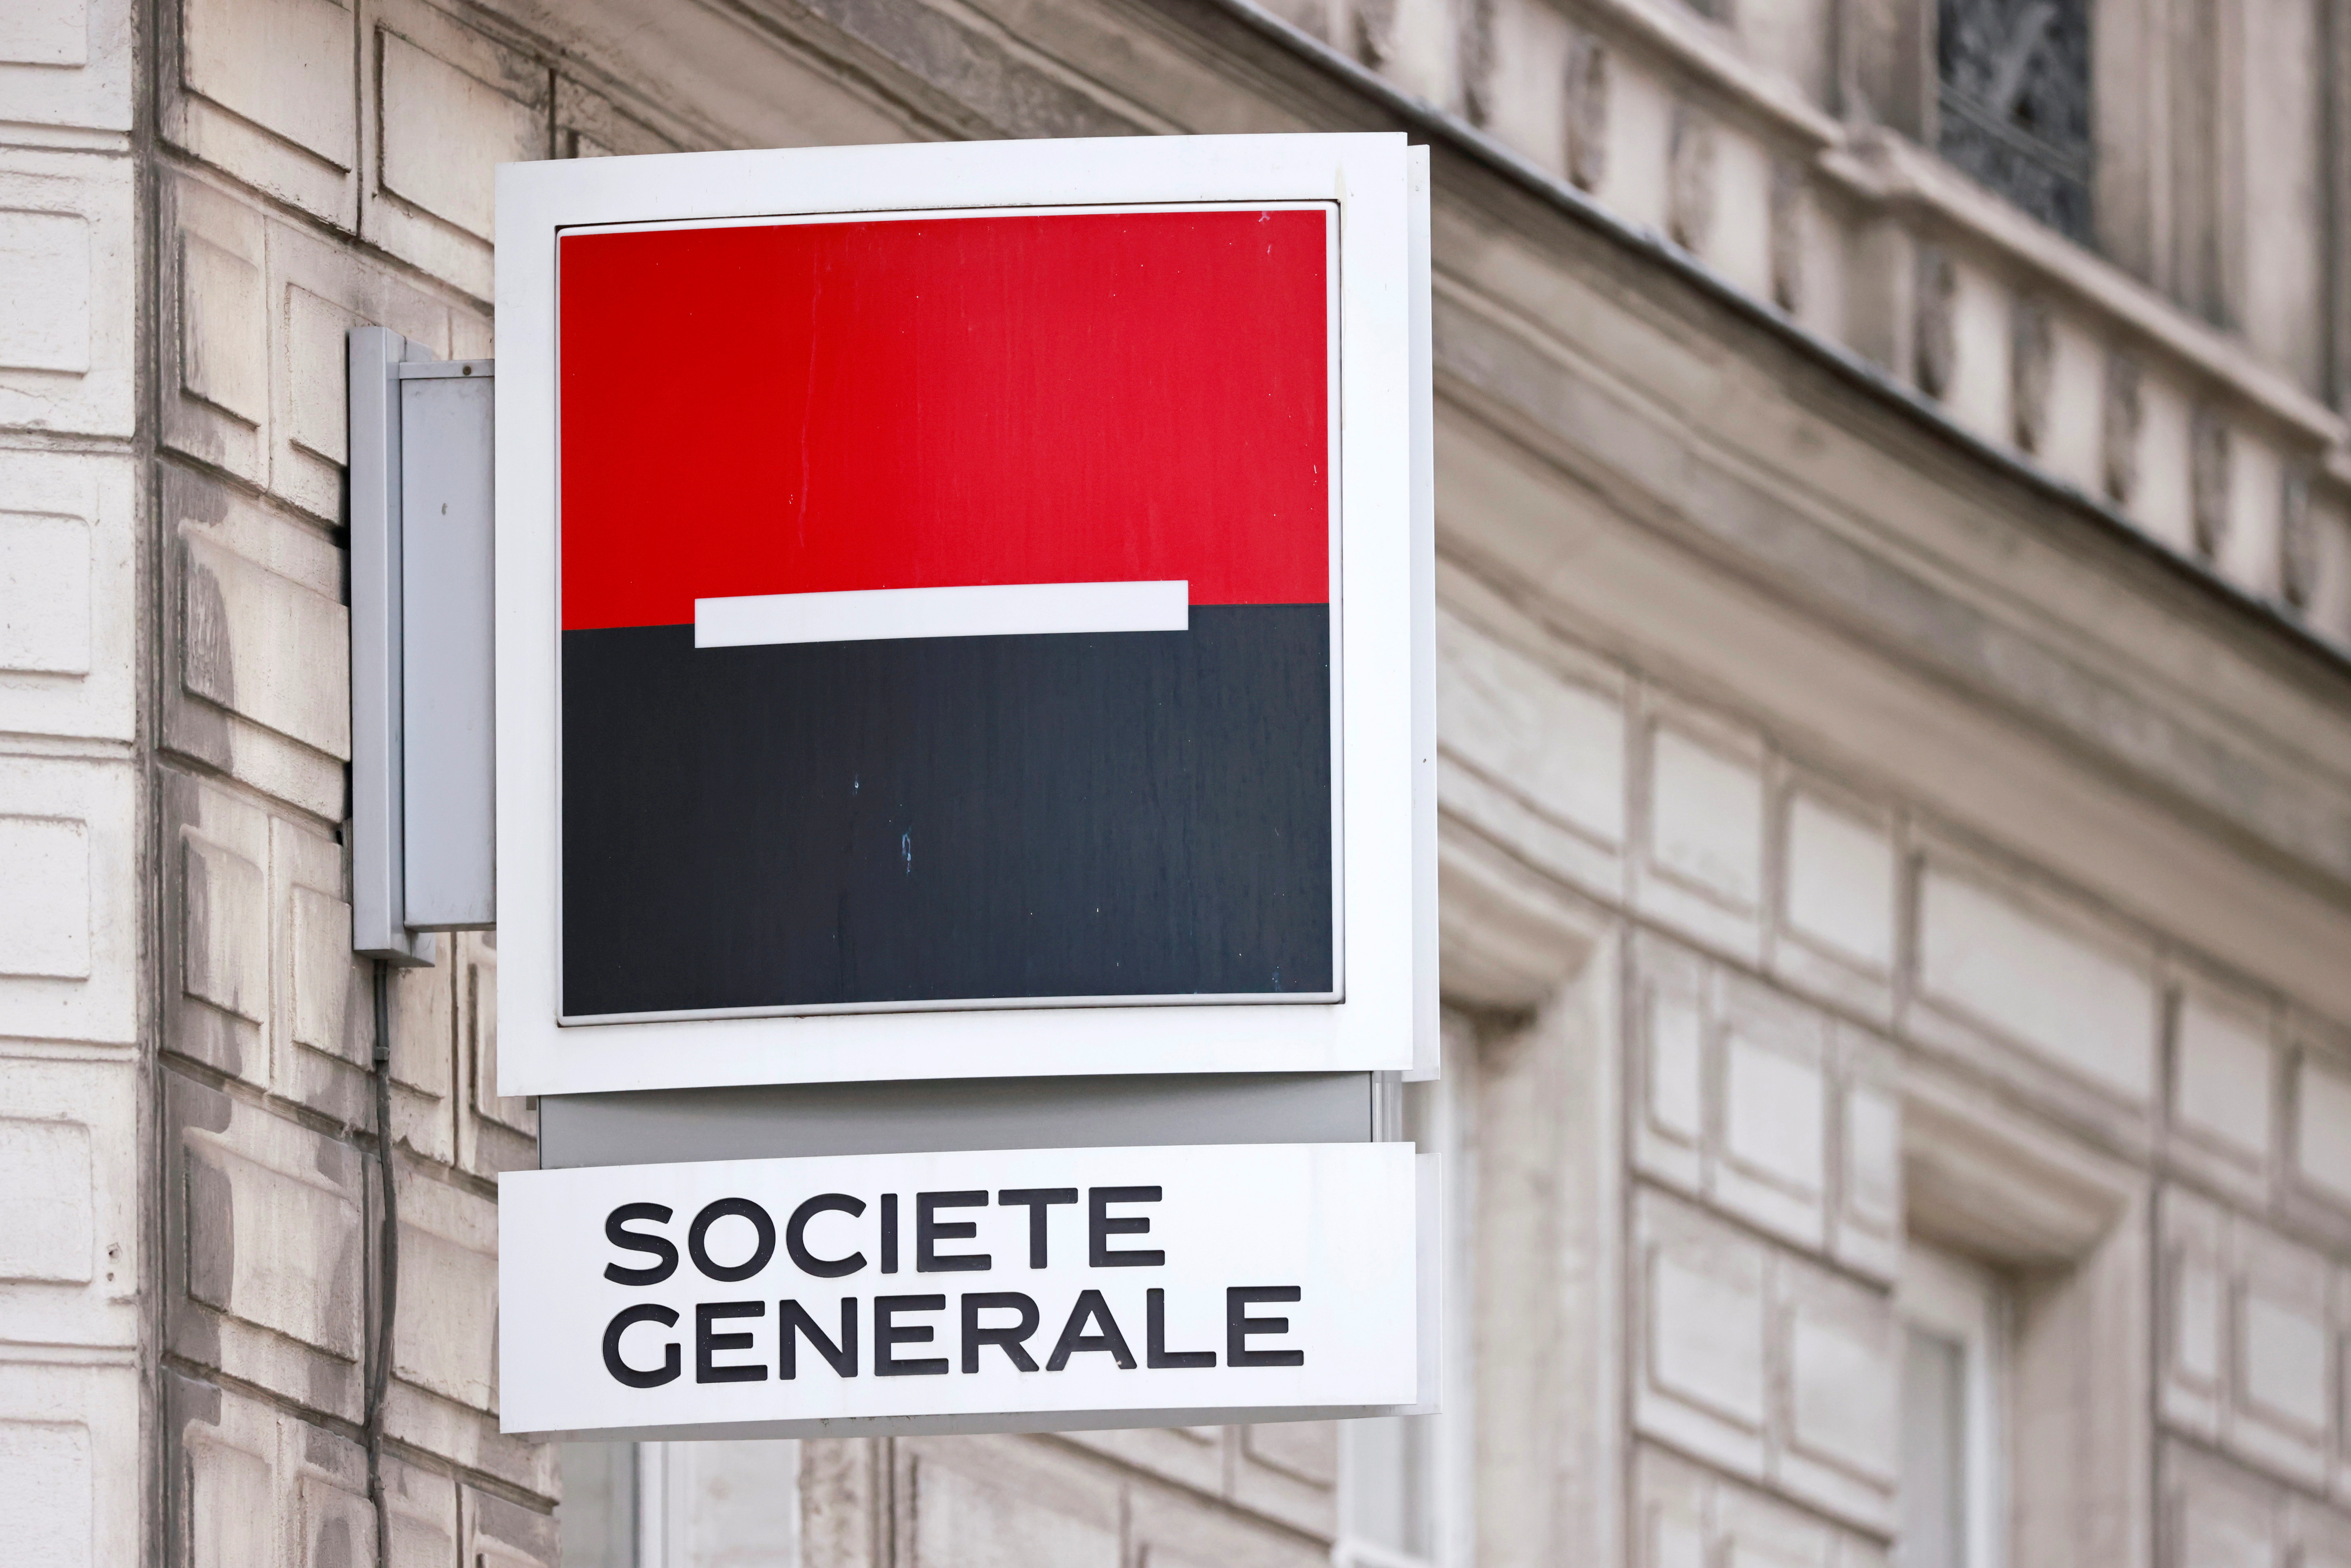 A Société Générale sign is seen in Paris, France, August 1, 2021. REUTERS/Sarah Meyssonnier